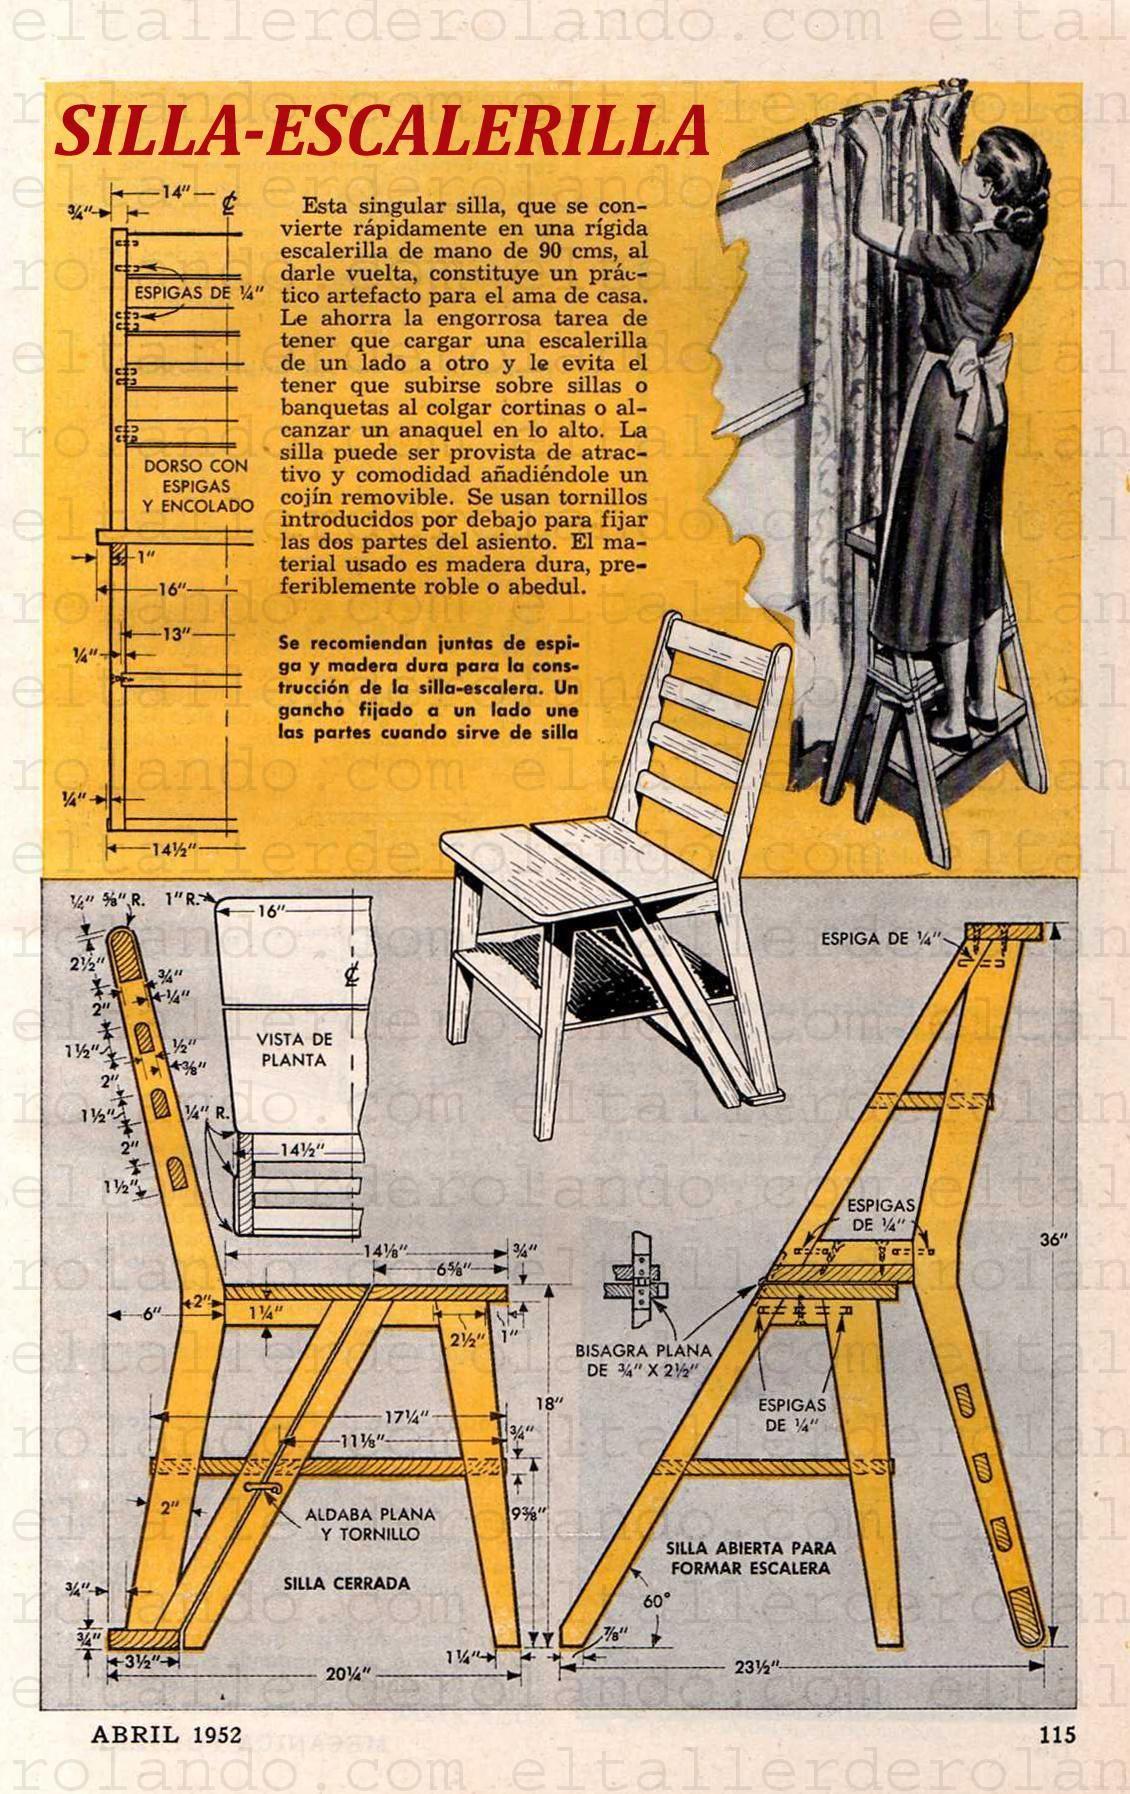 Tenes una silla vieja transformarla en escalera sillas for Sillas ascensores para escaleras precios